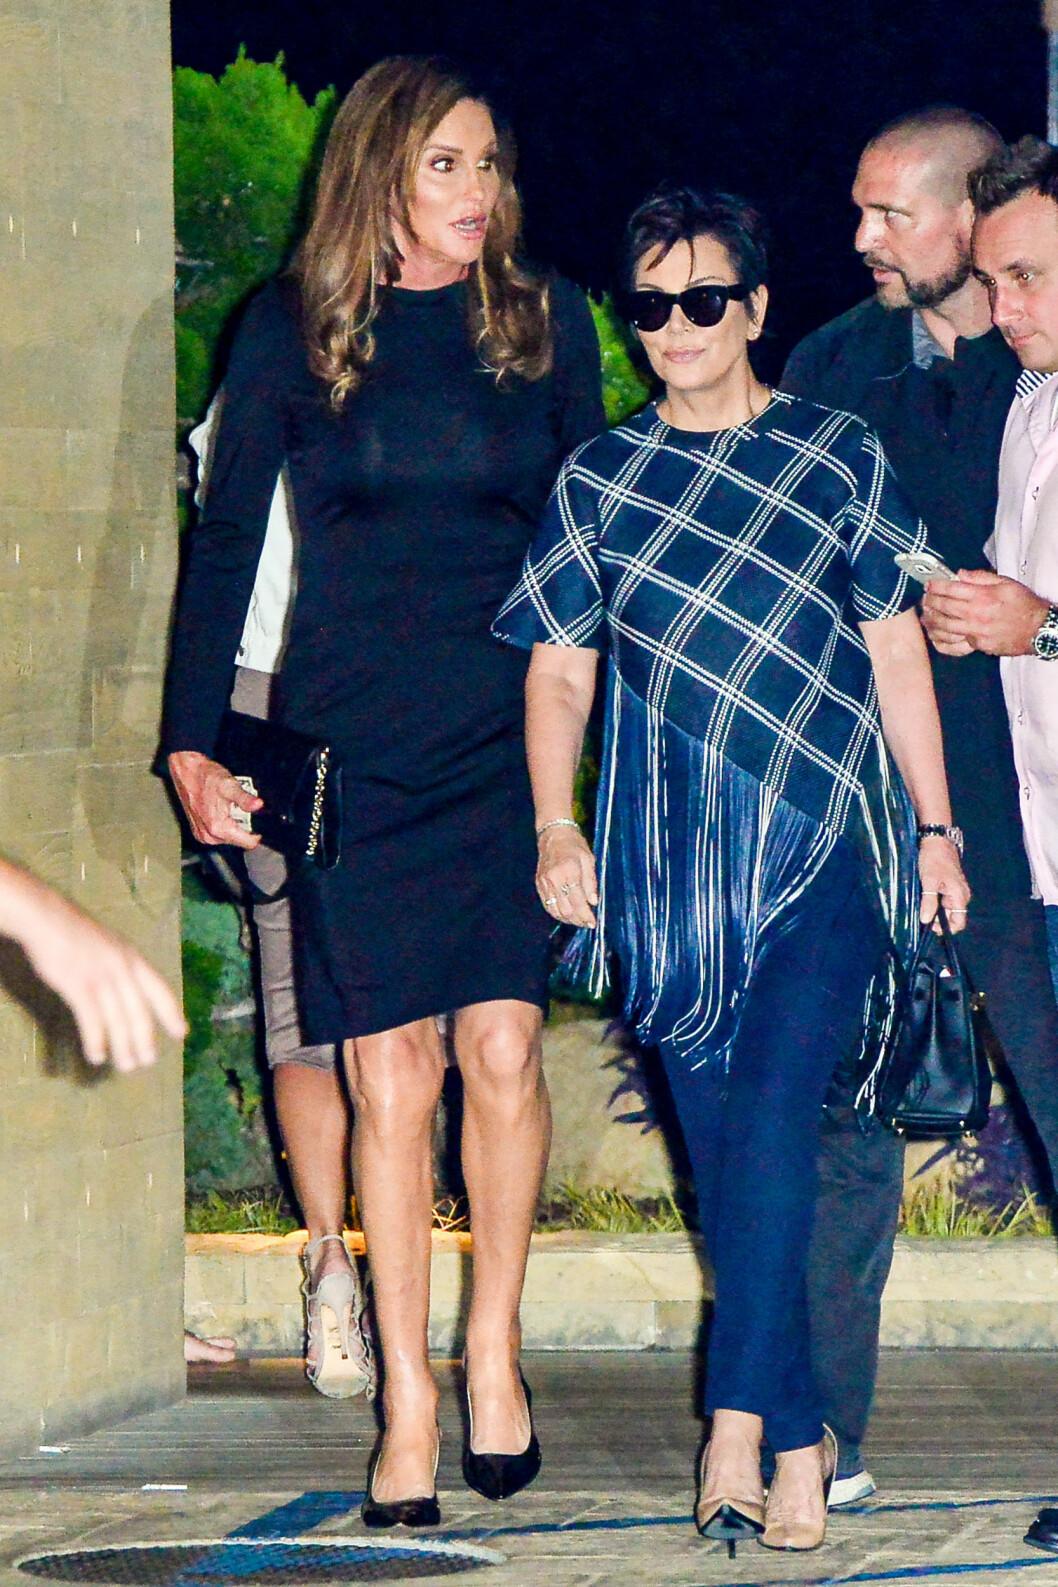 DEN FAKTISKE FEIRINGEN: 7. august møtte Kris Jenner eksen Bruce som kvinne for første gang under datterens Kylies bursdagsmiddag. Samtalen der Kris inviterer Caitlyn til festen ble spilt inn to måneder senere i september.  Foto: Splash News